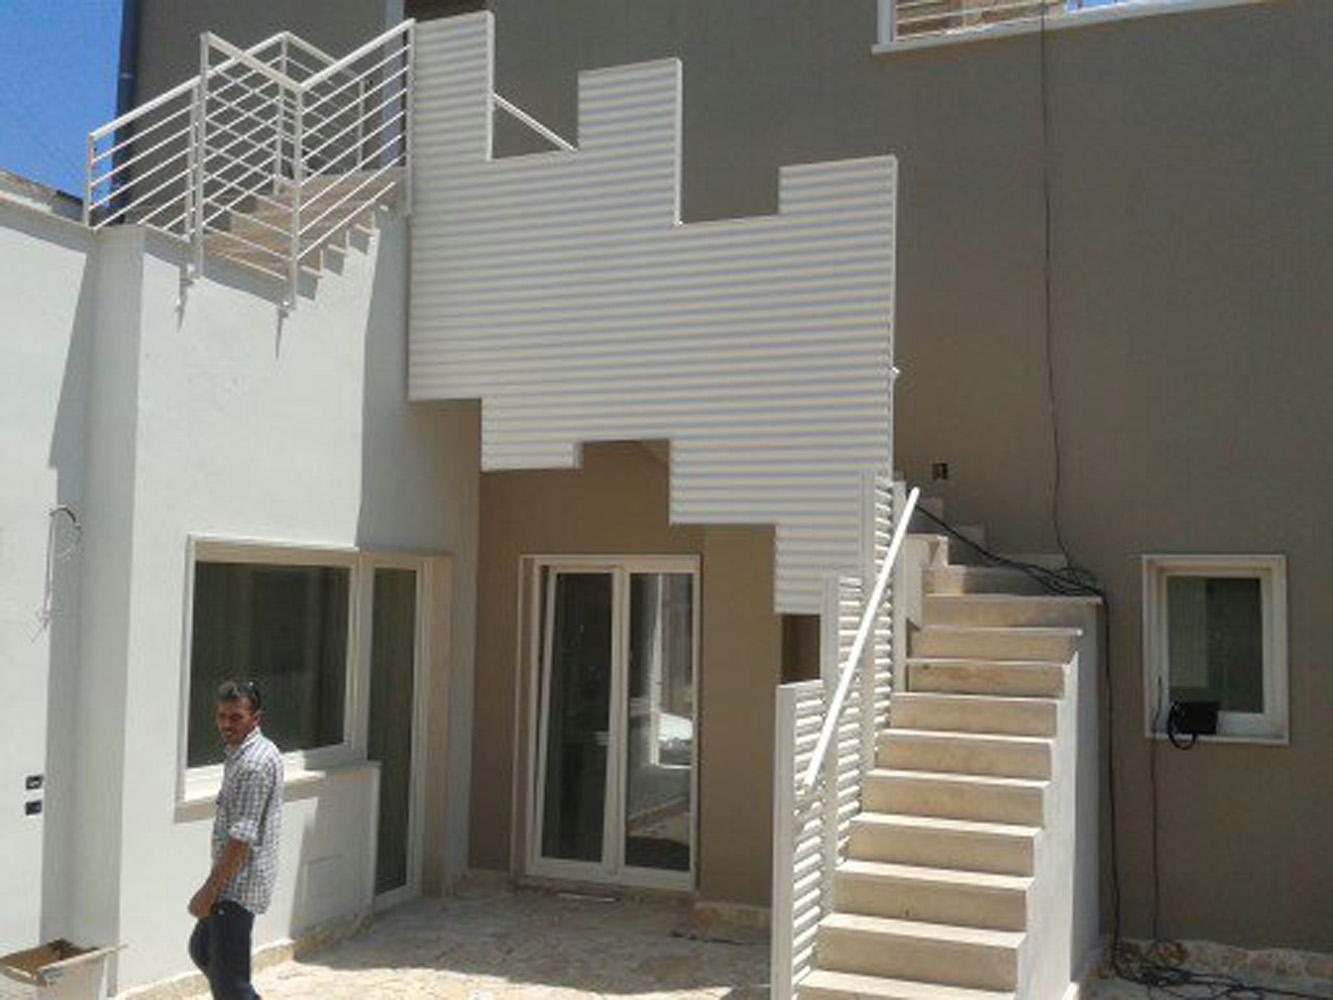 Parapetti scale esterne in alluminio a Bari, Brindisi e in Puglia